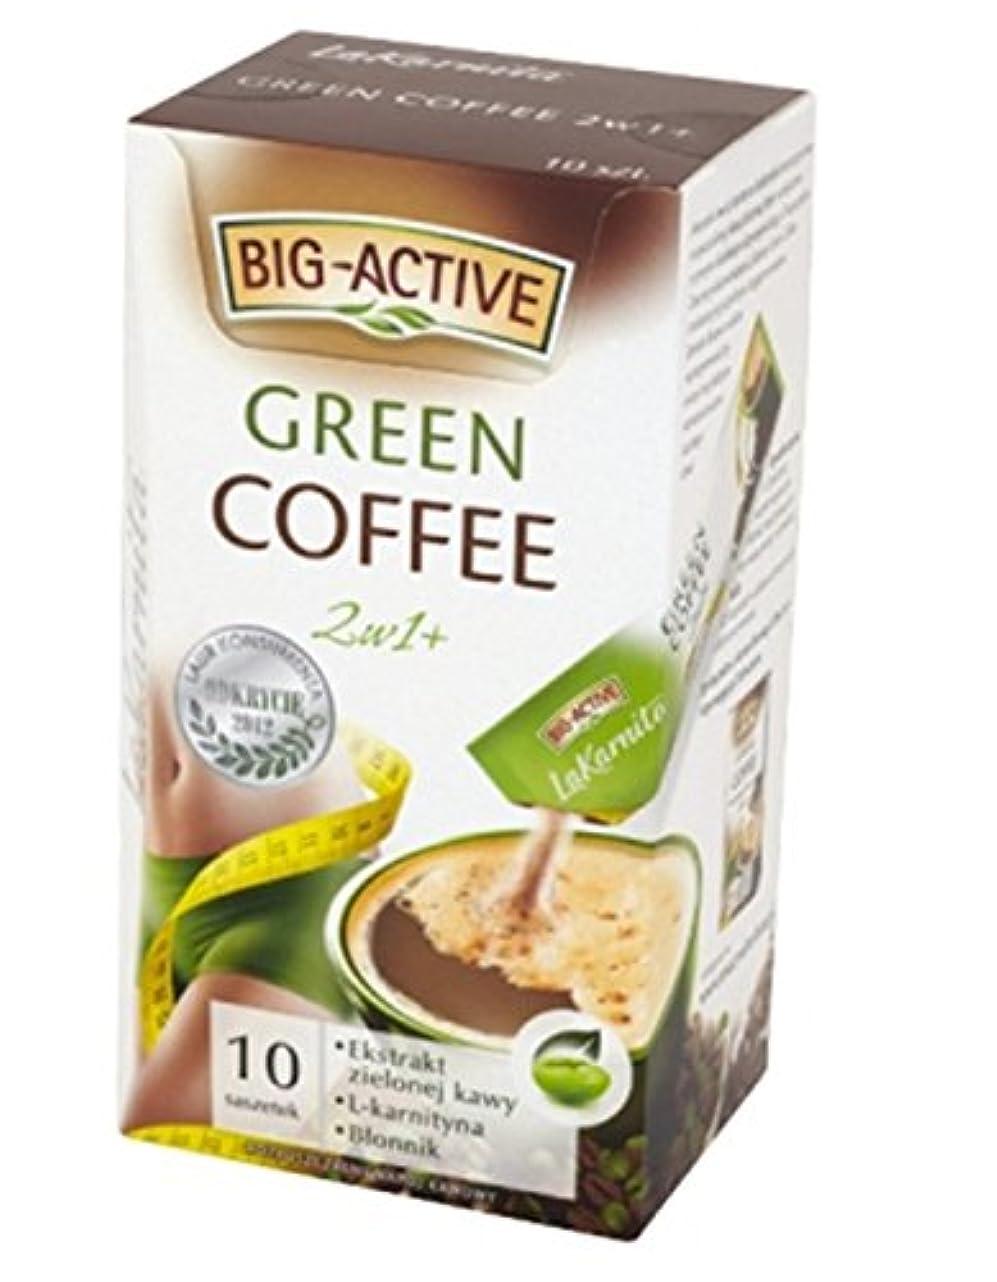 スキャンダル面積無数のスリミン グリー グコーヒー/5 boxes Big Active La Karnita Green Coffee Slimming Sachet 2 IN 1